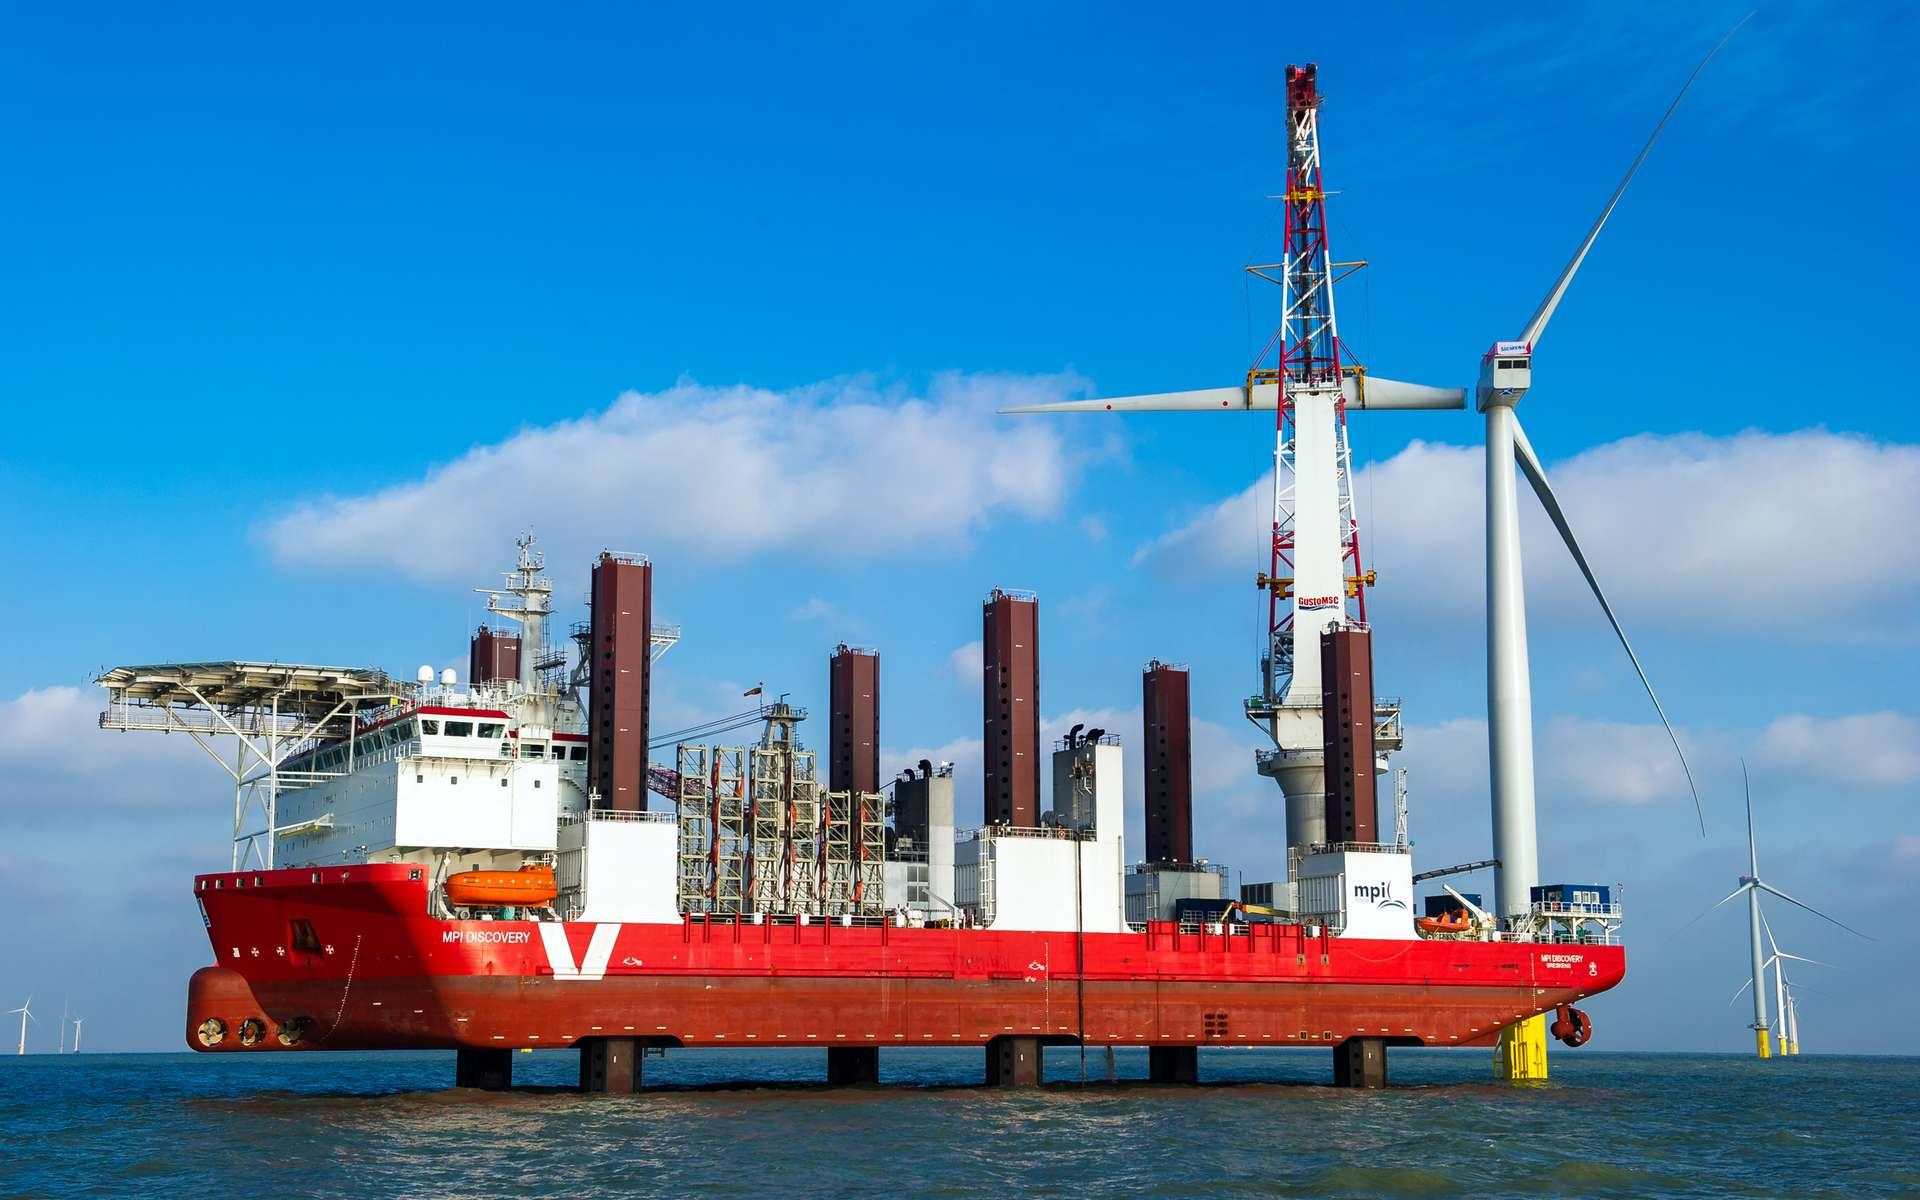 Le navire MPI Discovery a spécialement été conçu pour la construction des parcs éoliens offshore. Sur cette image, une éolienne va recevoir sa troisième et dernière pale. © London Array